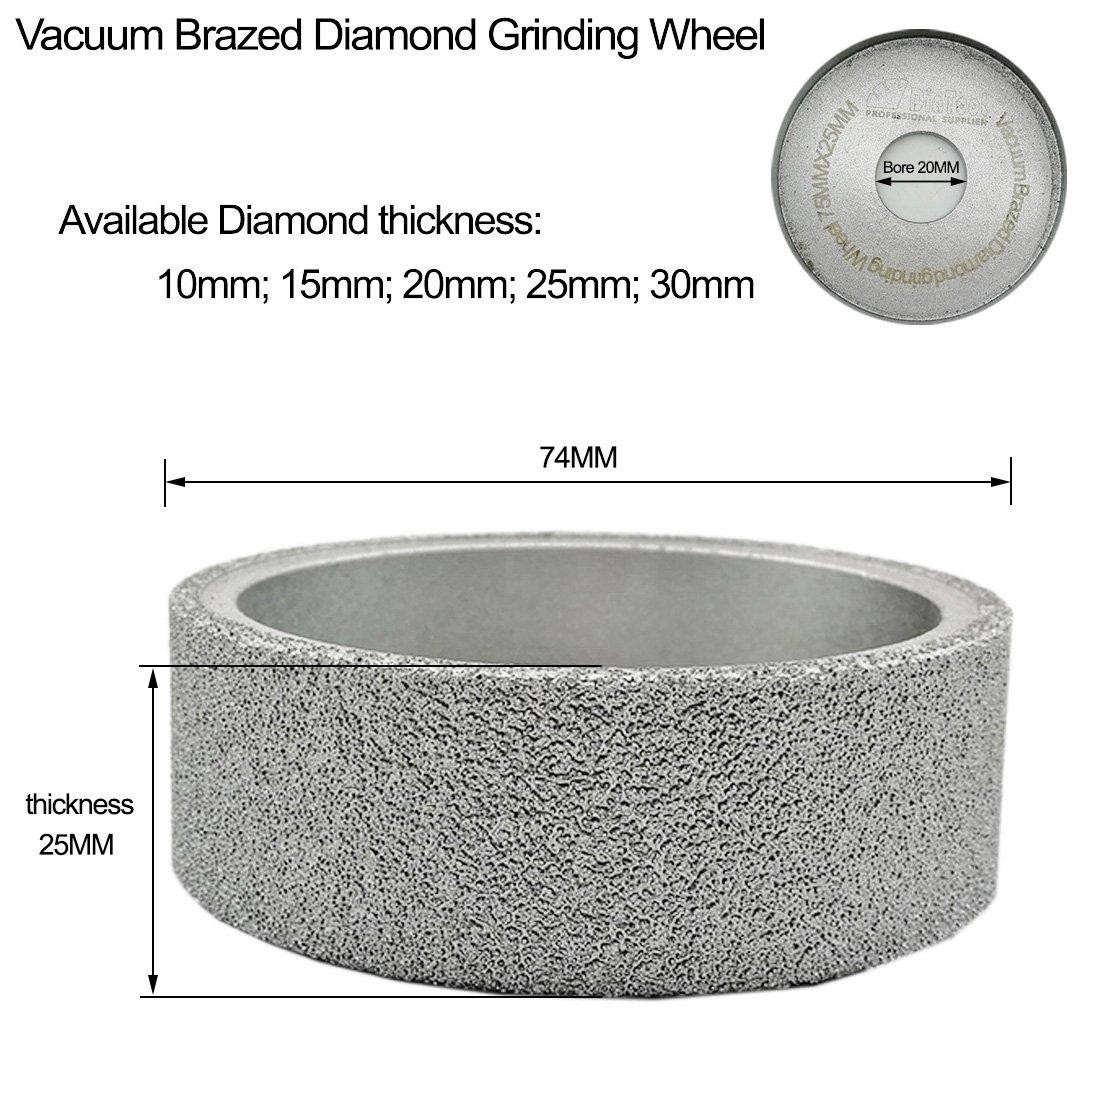 DIATOOL Diam/ètre 75mm Meule Diamant/ée Bras/ée Sous Vide Disque de Pon/çage Plat Meulage /à Sec ou Humide sur Marbre Granit C/éramique Quartz Verre en Pierre Roue de Diamant 25MM